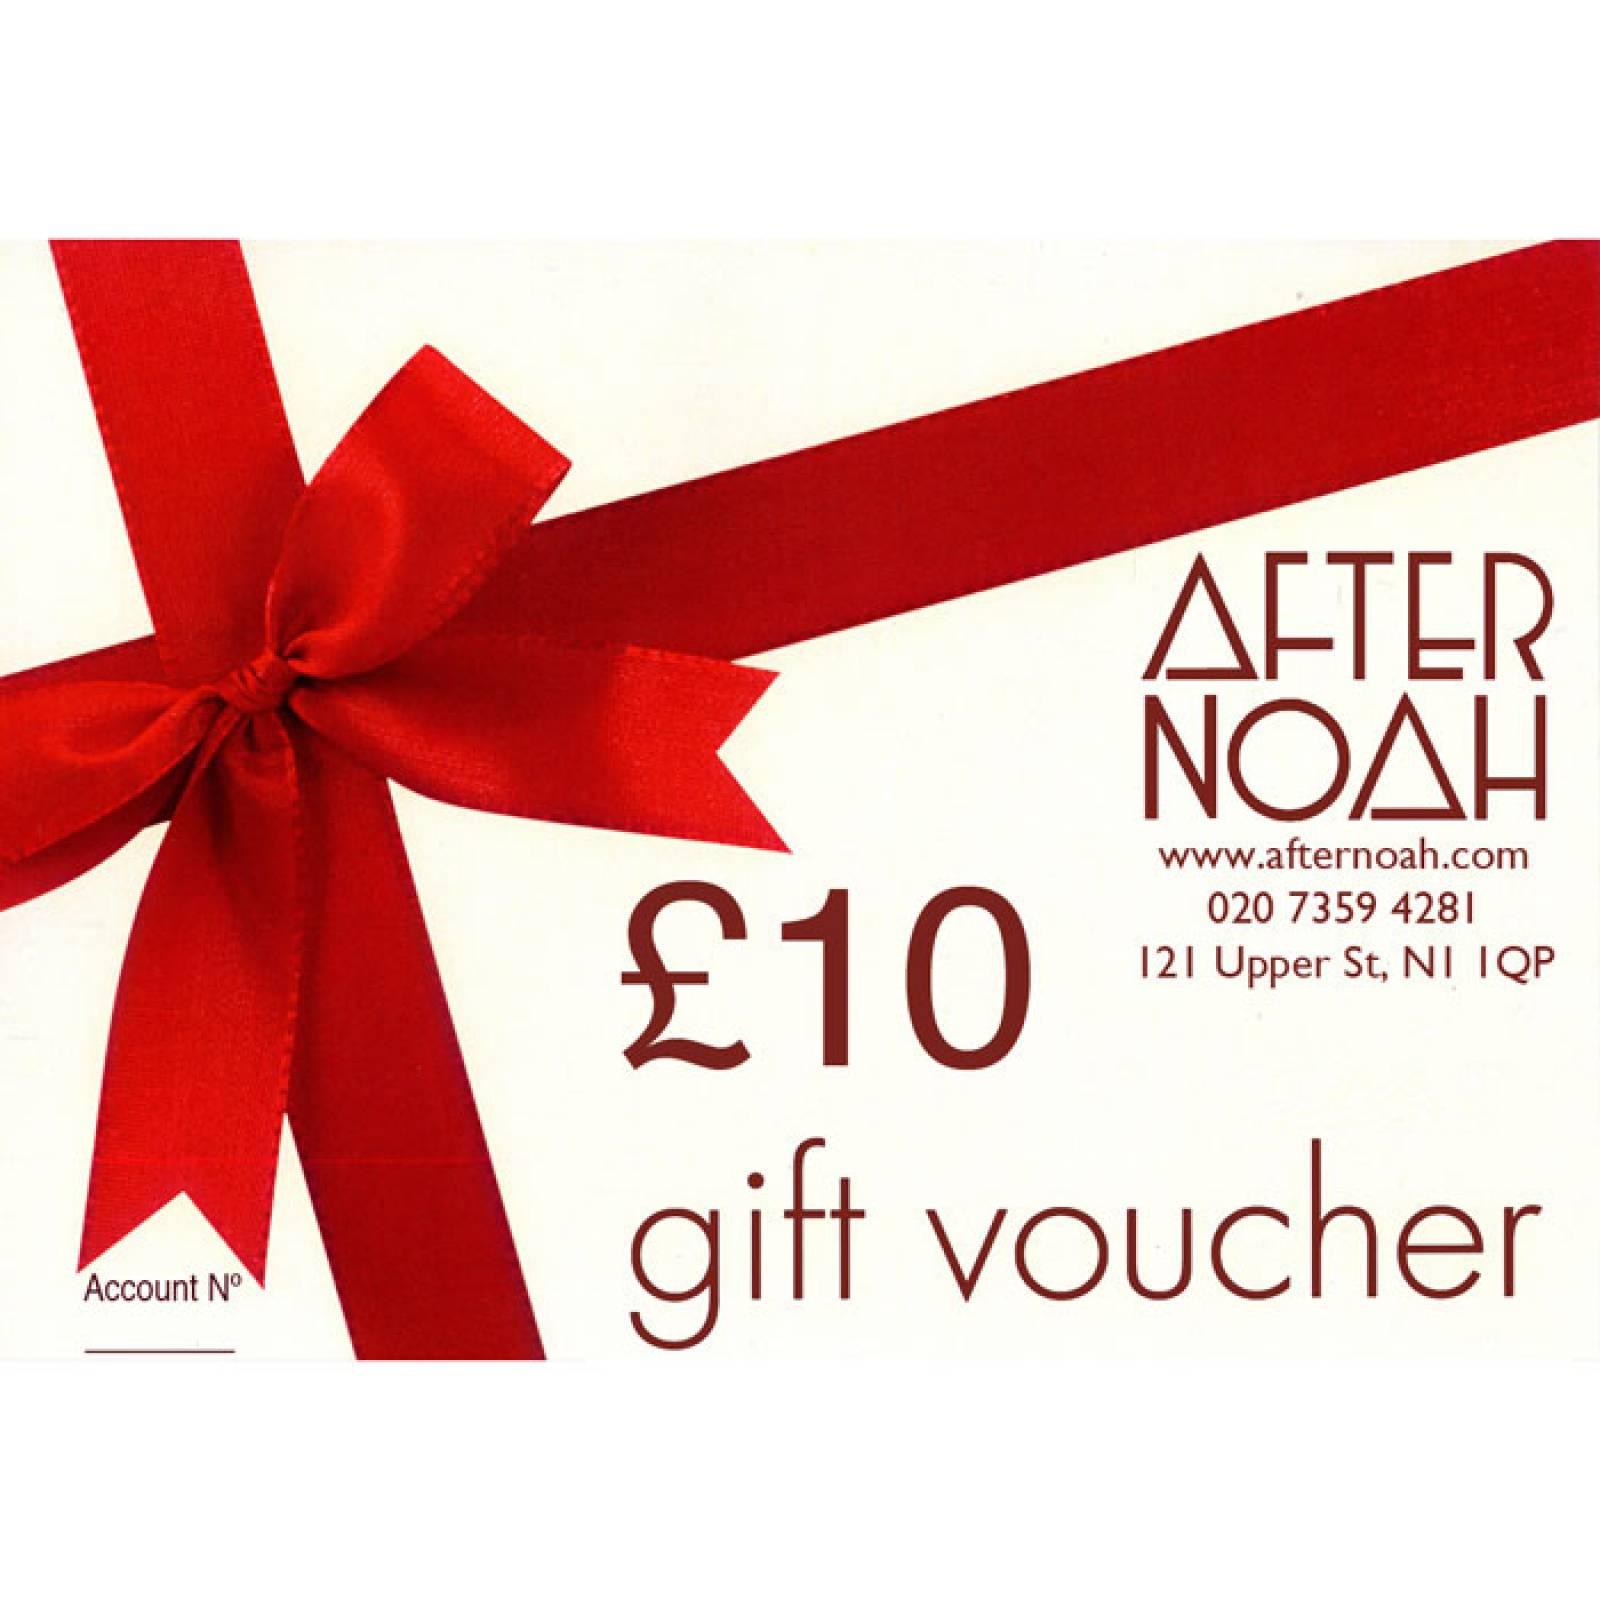 After Noah Gift Voucher